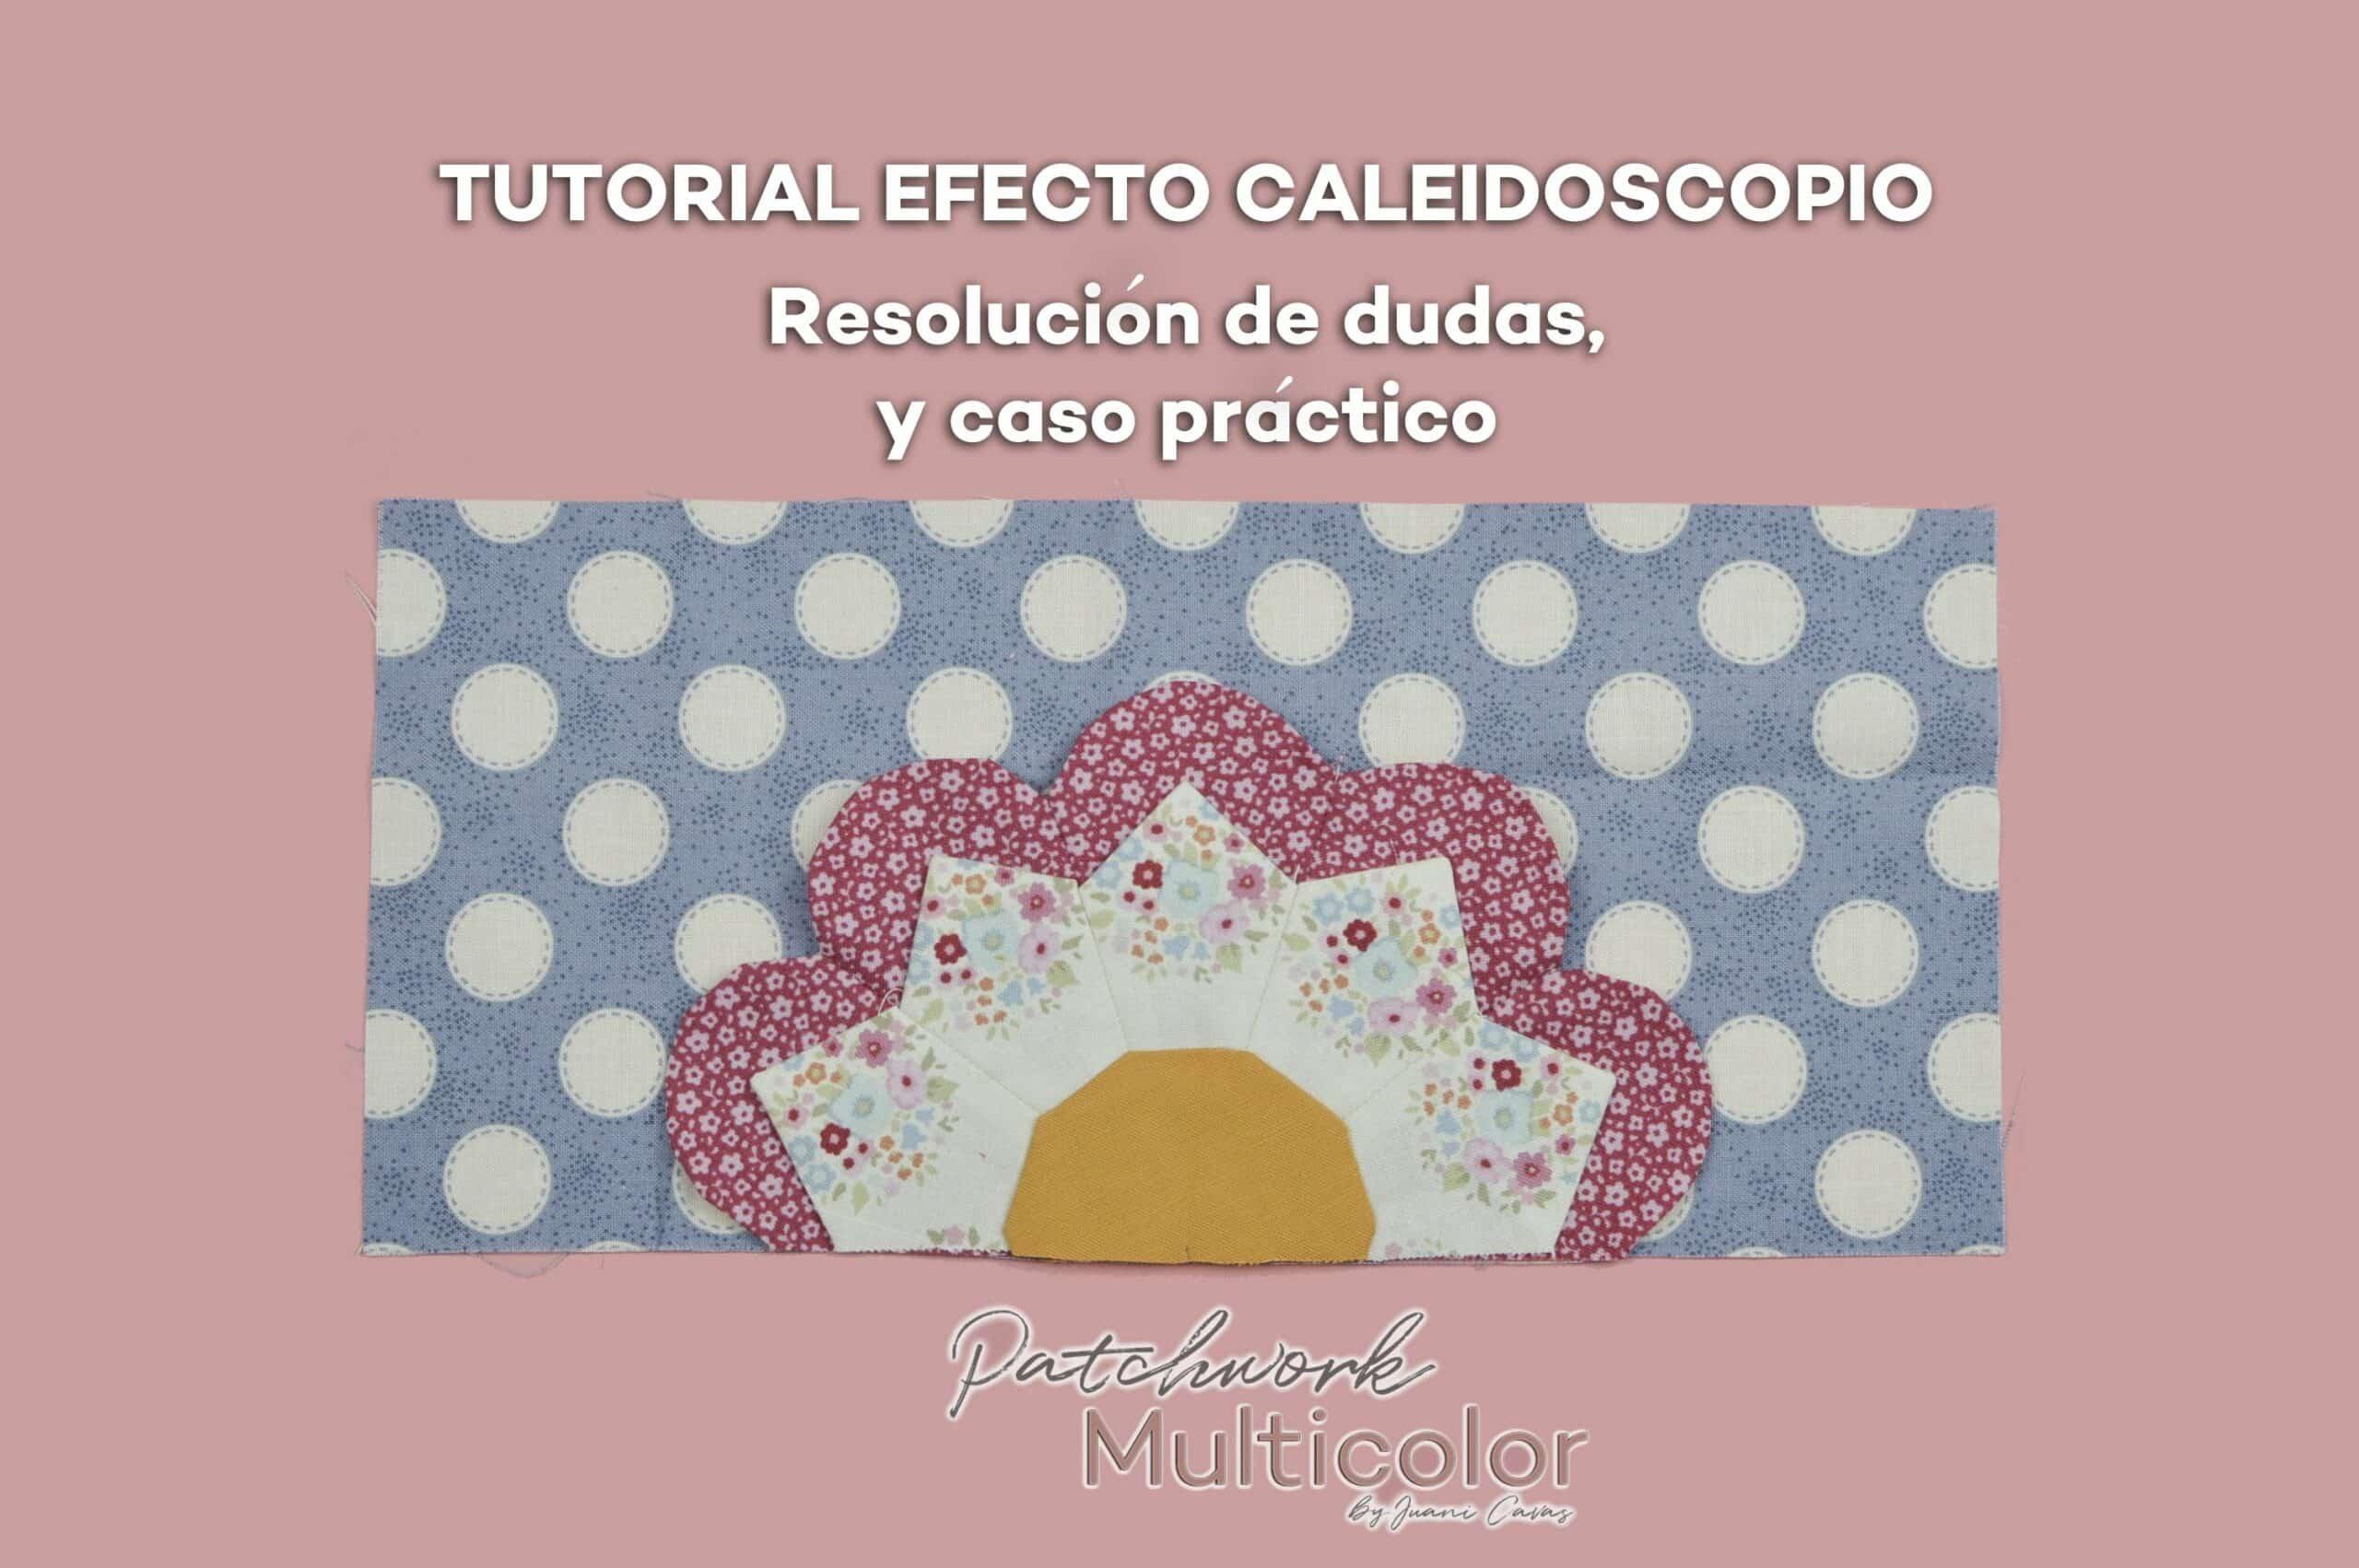 Tutorial Efecto Caleidoscopio en Patchwork resolución de dudas y caso práctico